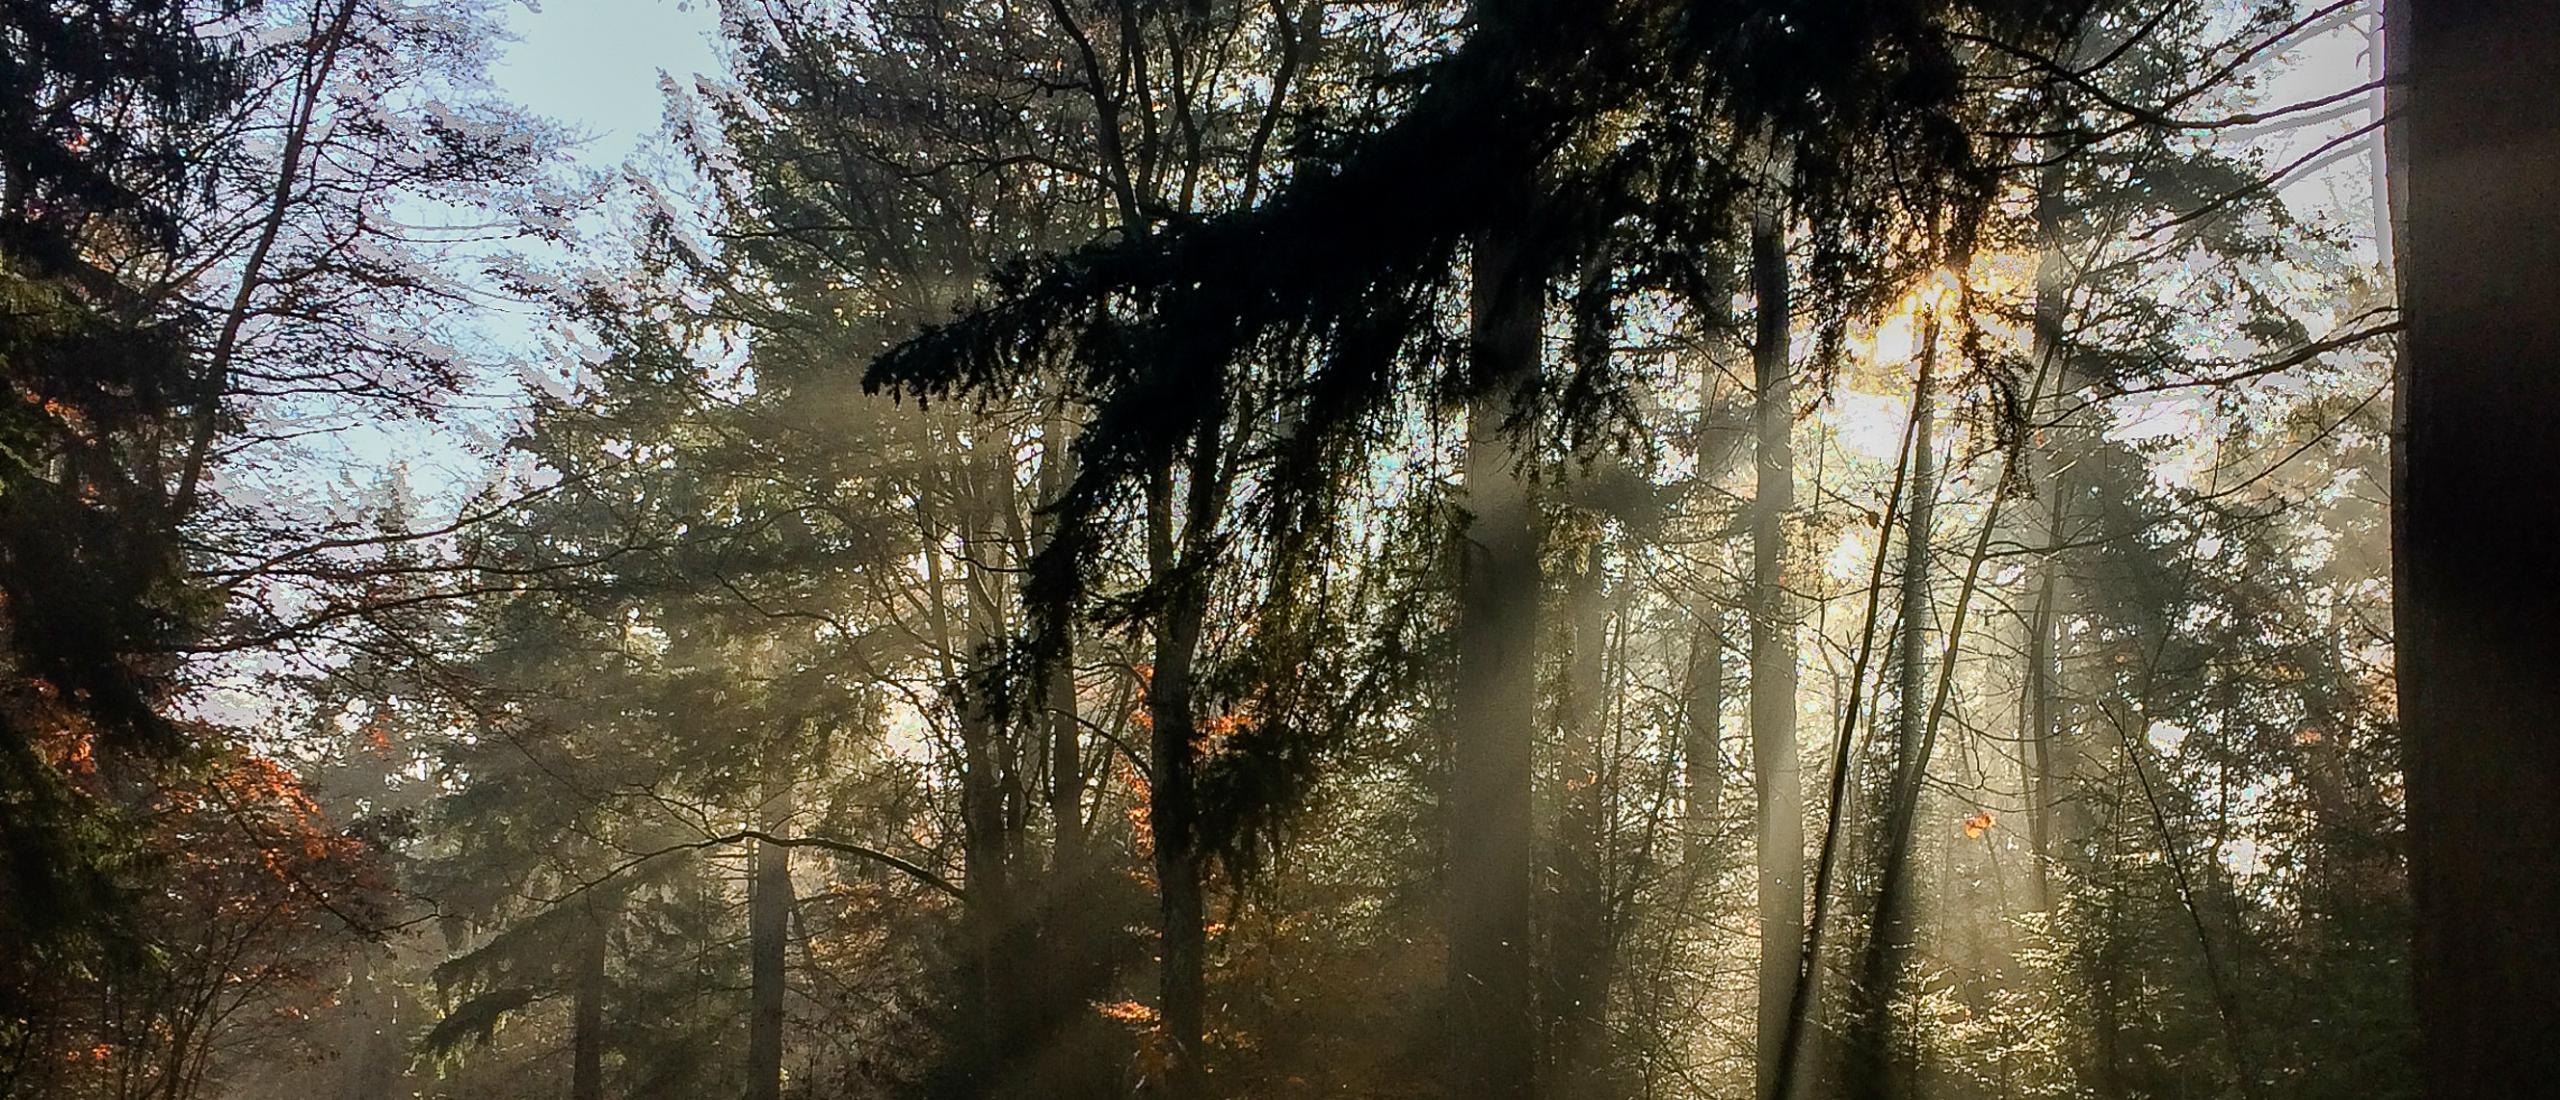 Naar binnen keren tijdens de herfst - Wildplukverhaal